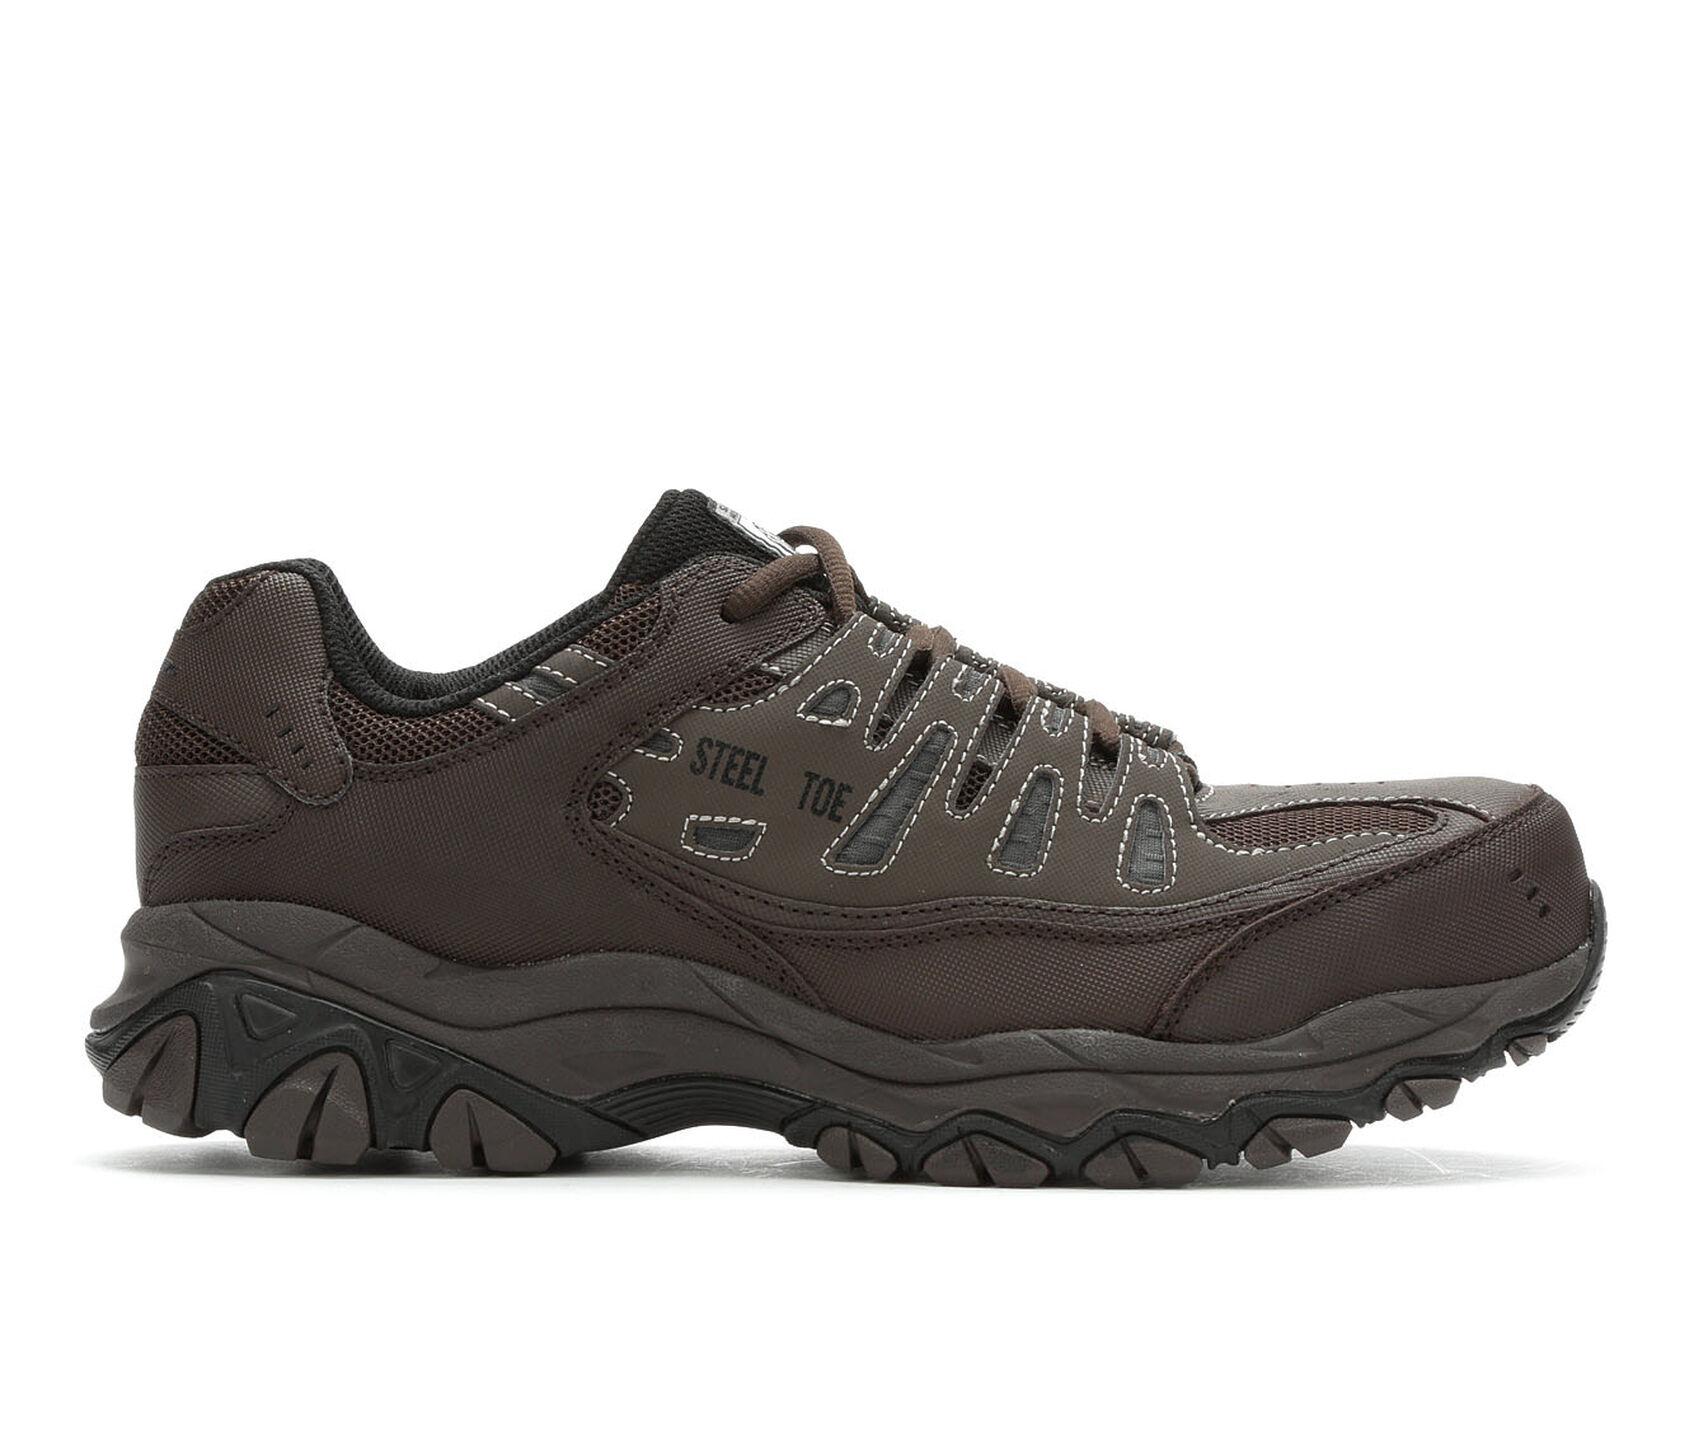 61b99fad42a19 Men's Skechers Work 77055 Cankton Steel Toe Work Shoes | Shoe Carnival